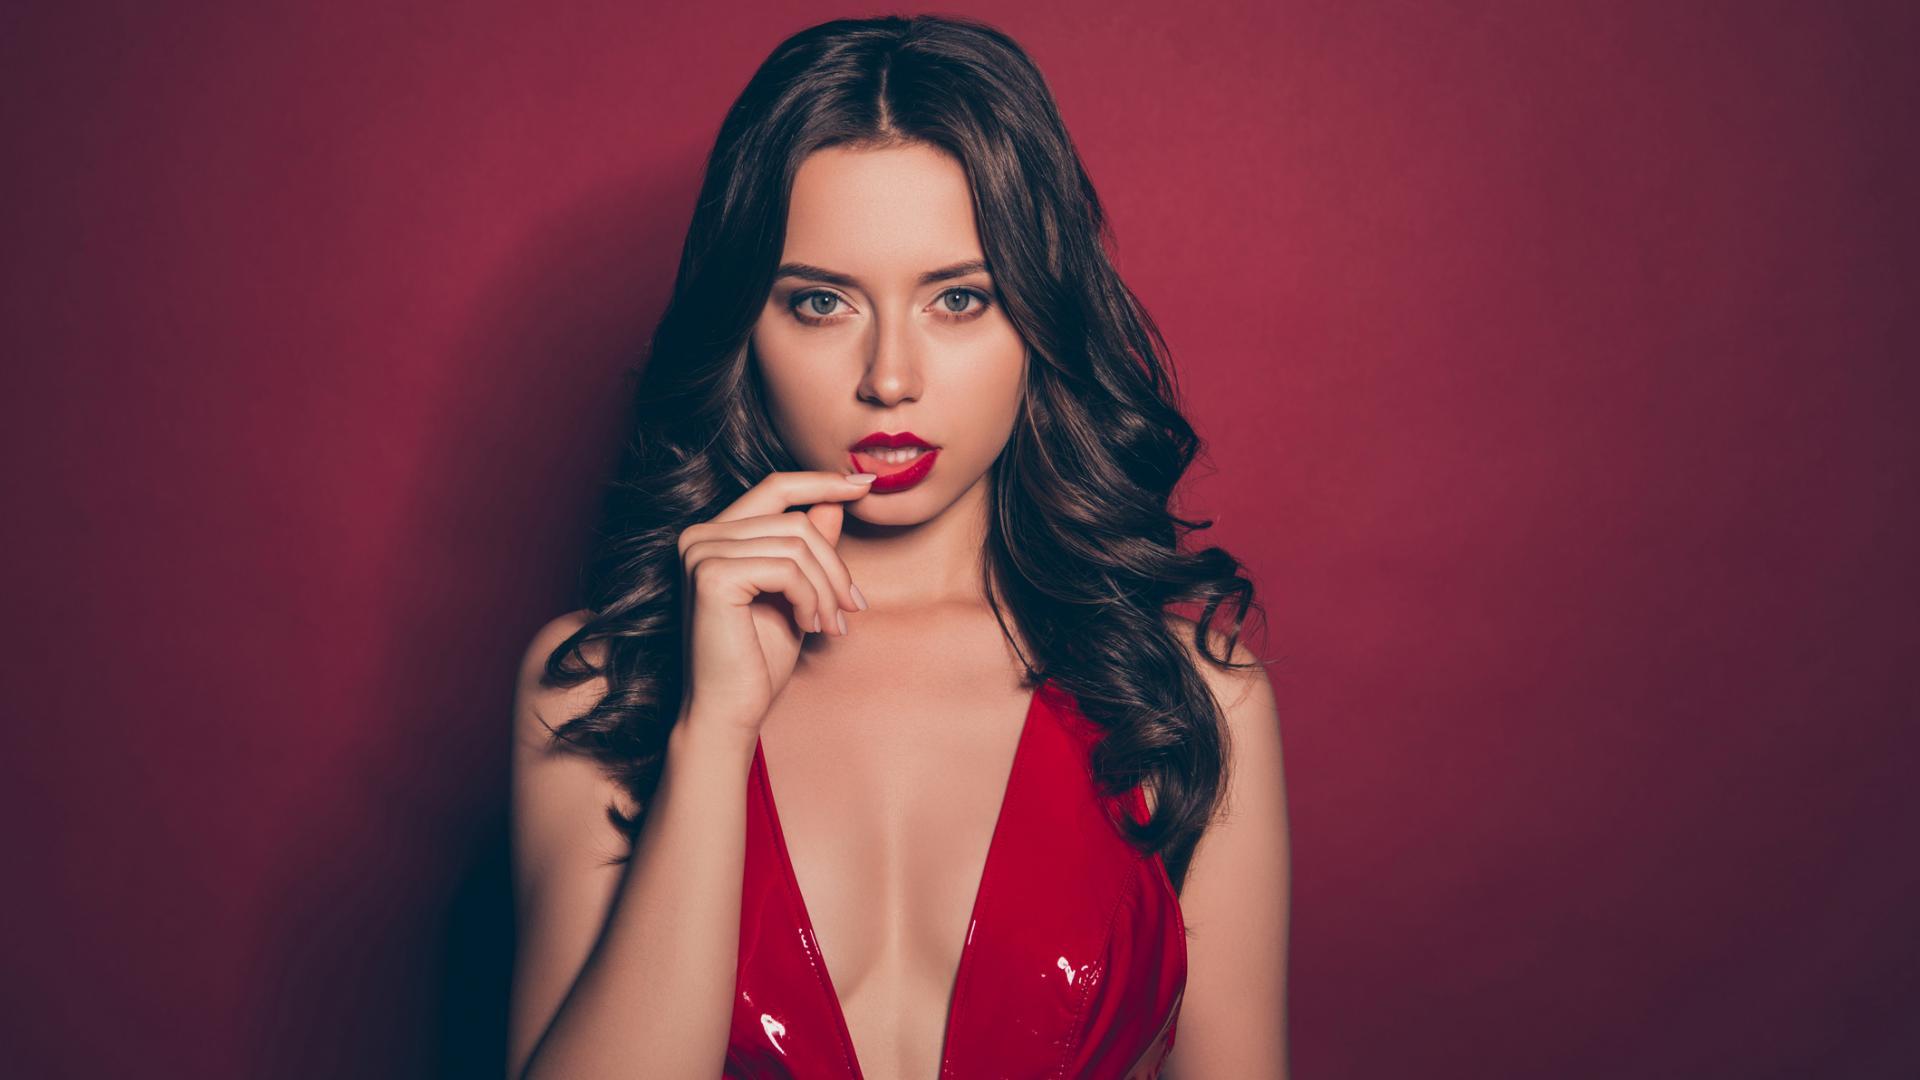 Frau sexy Granata Gast heiß Lippenstift Kleid rot Brüste